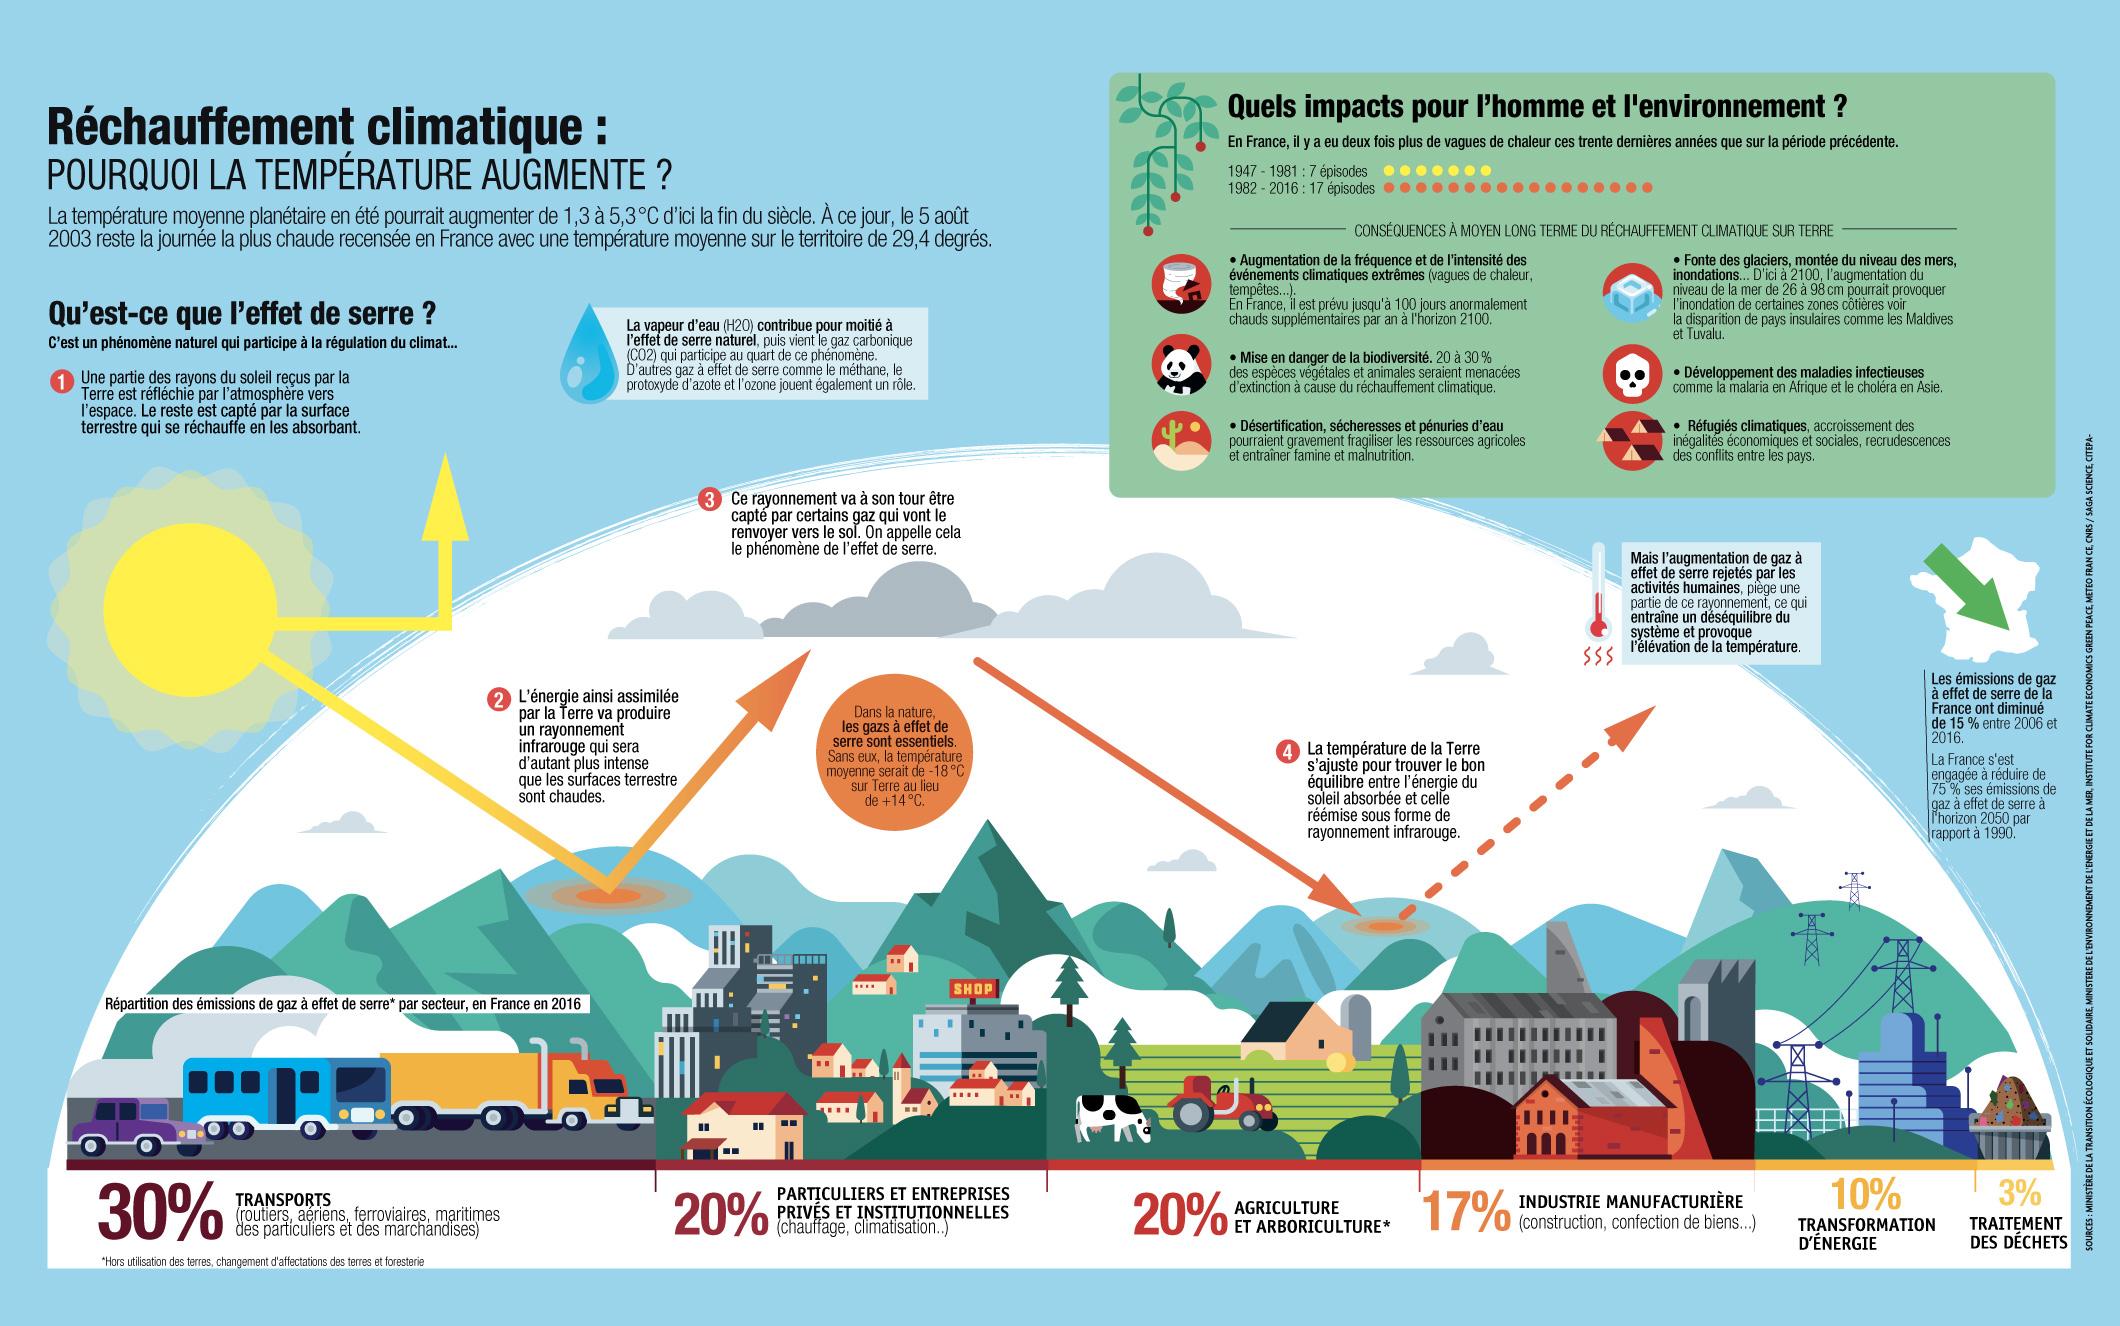 infographie sur le réchauffement climatique